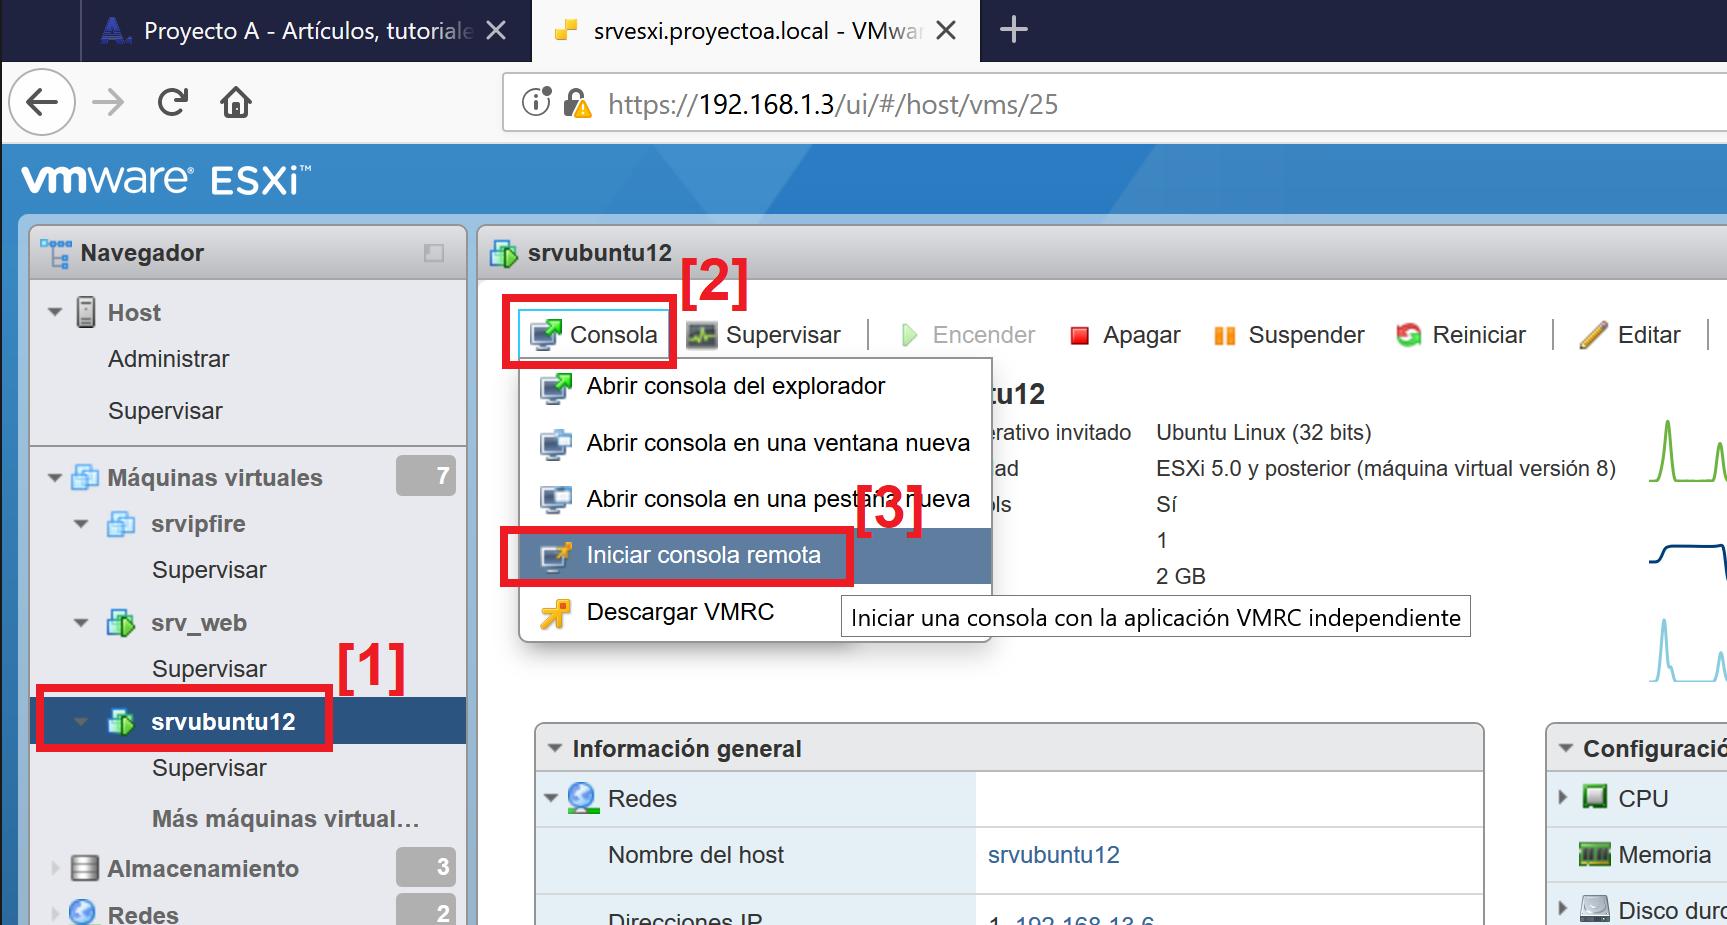 Utilizar VMware Worstation Player en lugar de la consola web de VMware ESXi para acceder a una máquina virtual